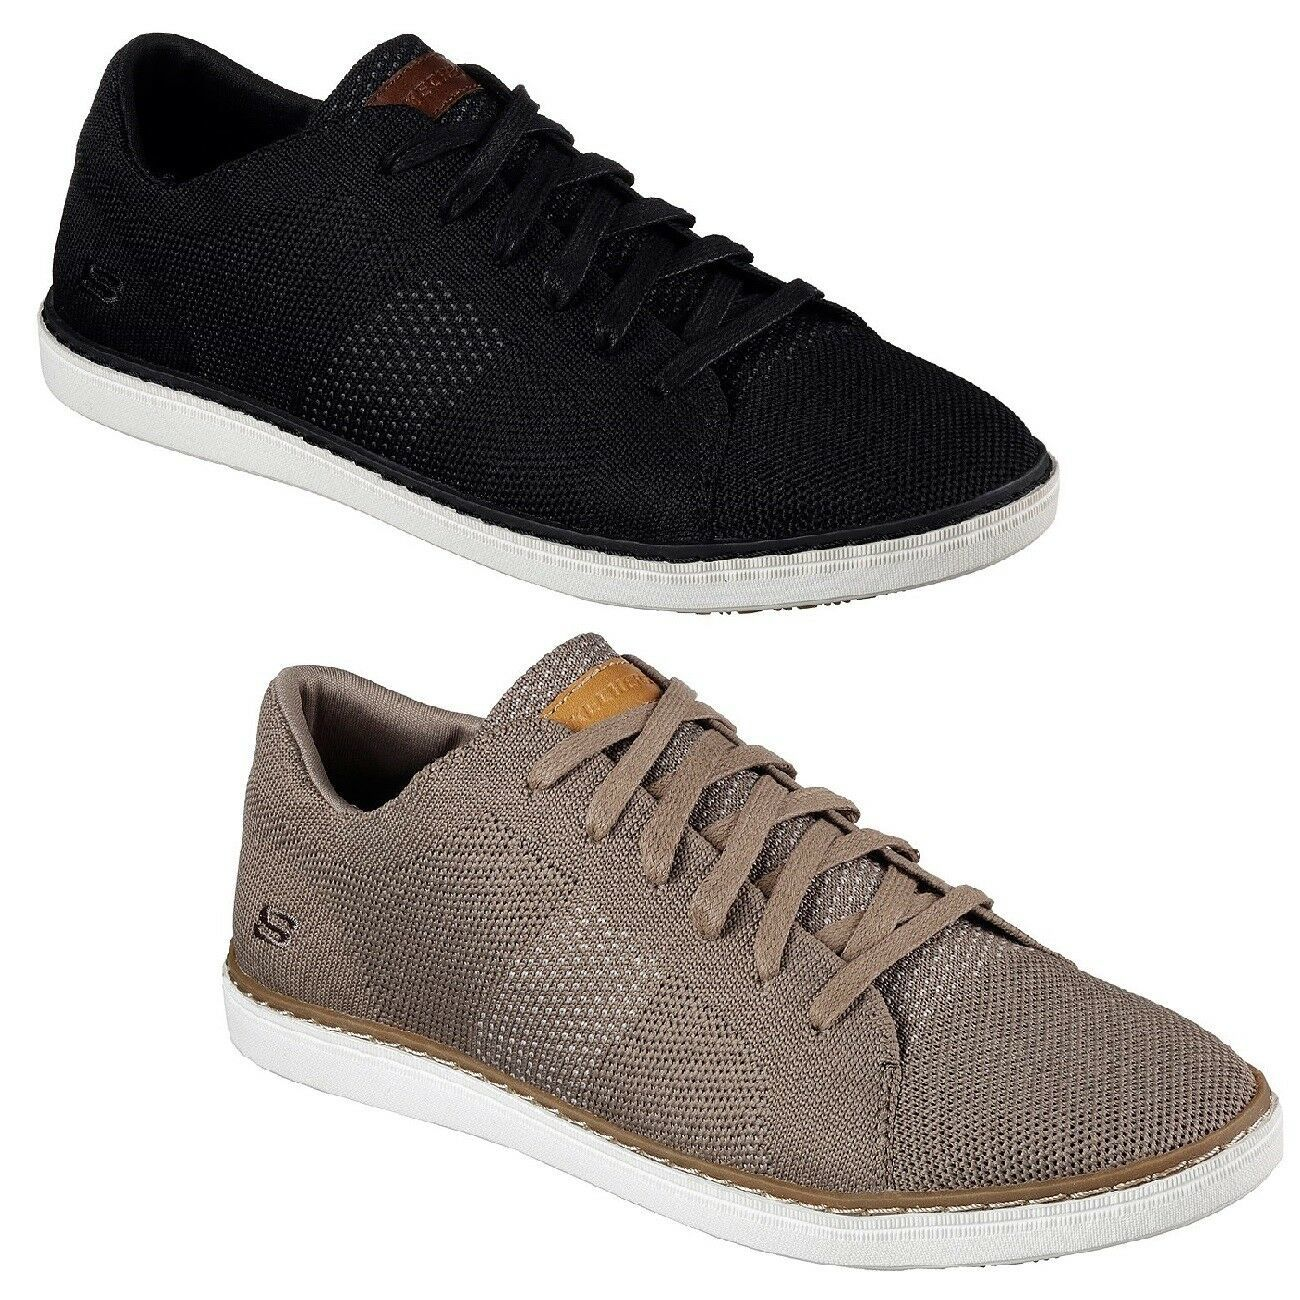 65088, SKECHERS, Lanson Revero, USA Men's Lace Up, Classic Fit, Casual Shoes